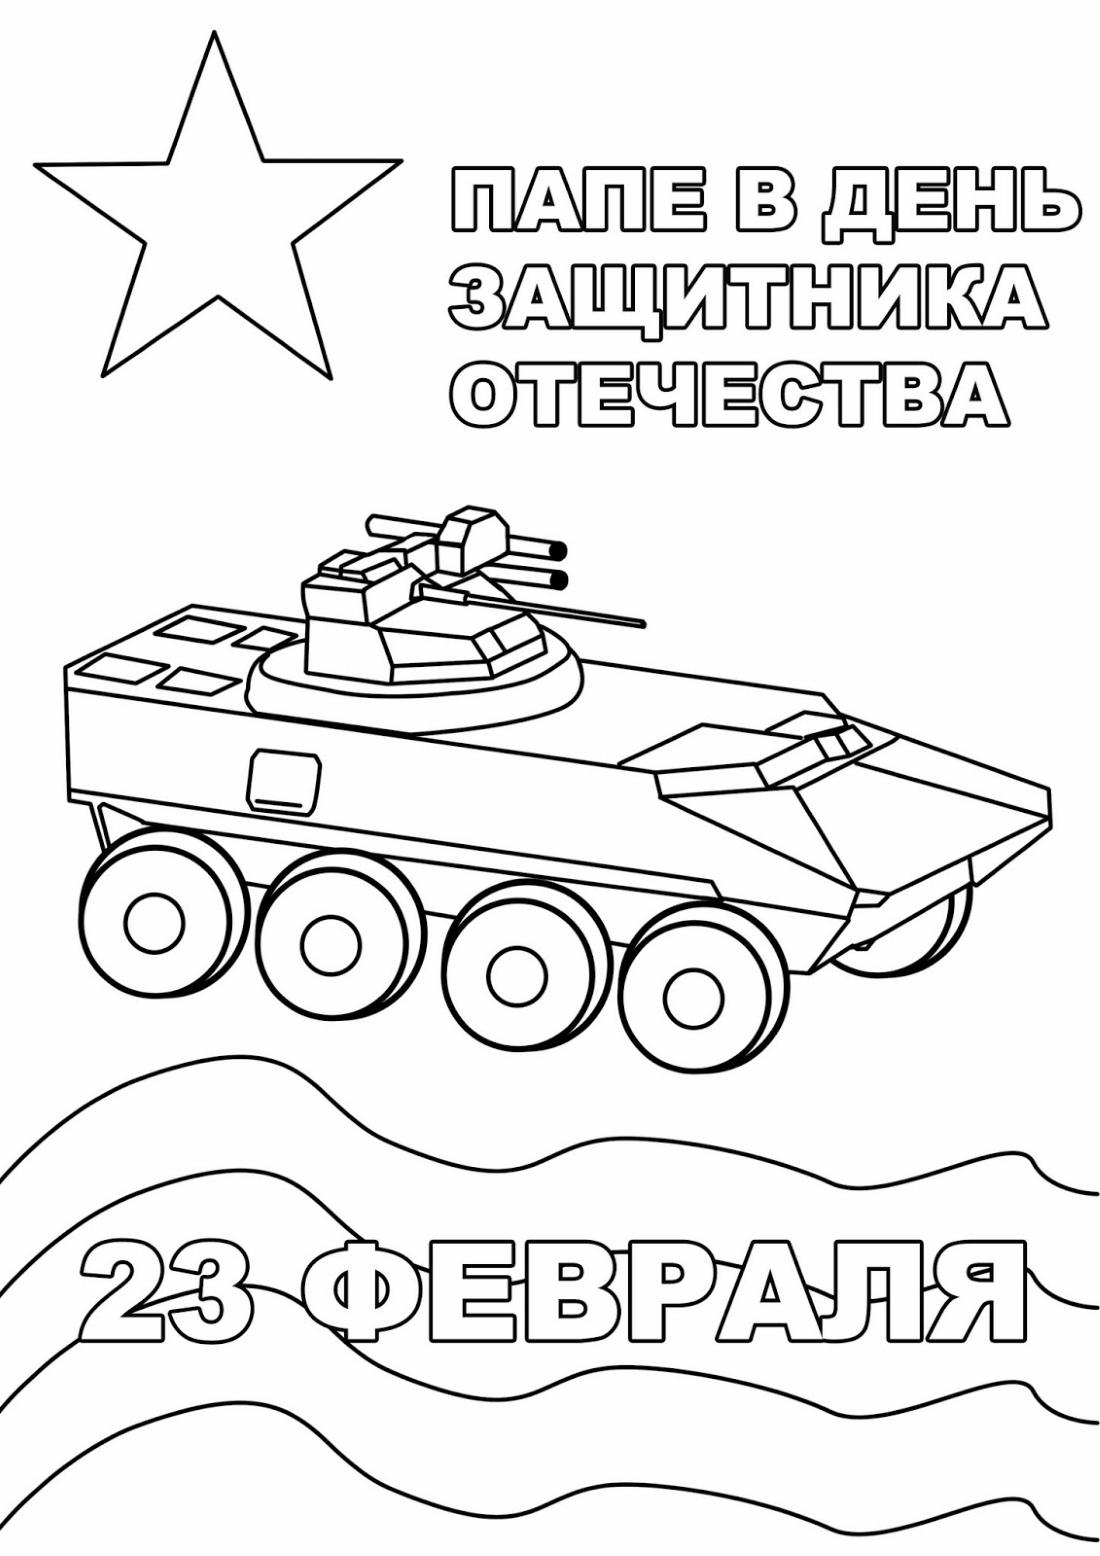 Раскраски для детей ко дню защитника отечества